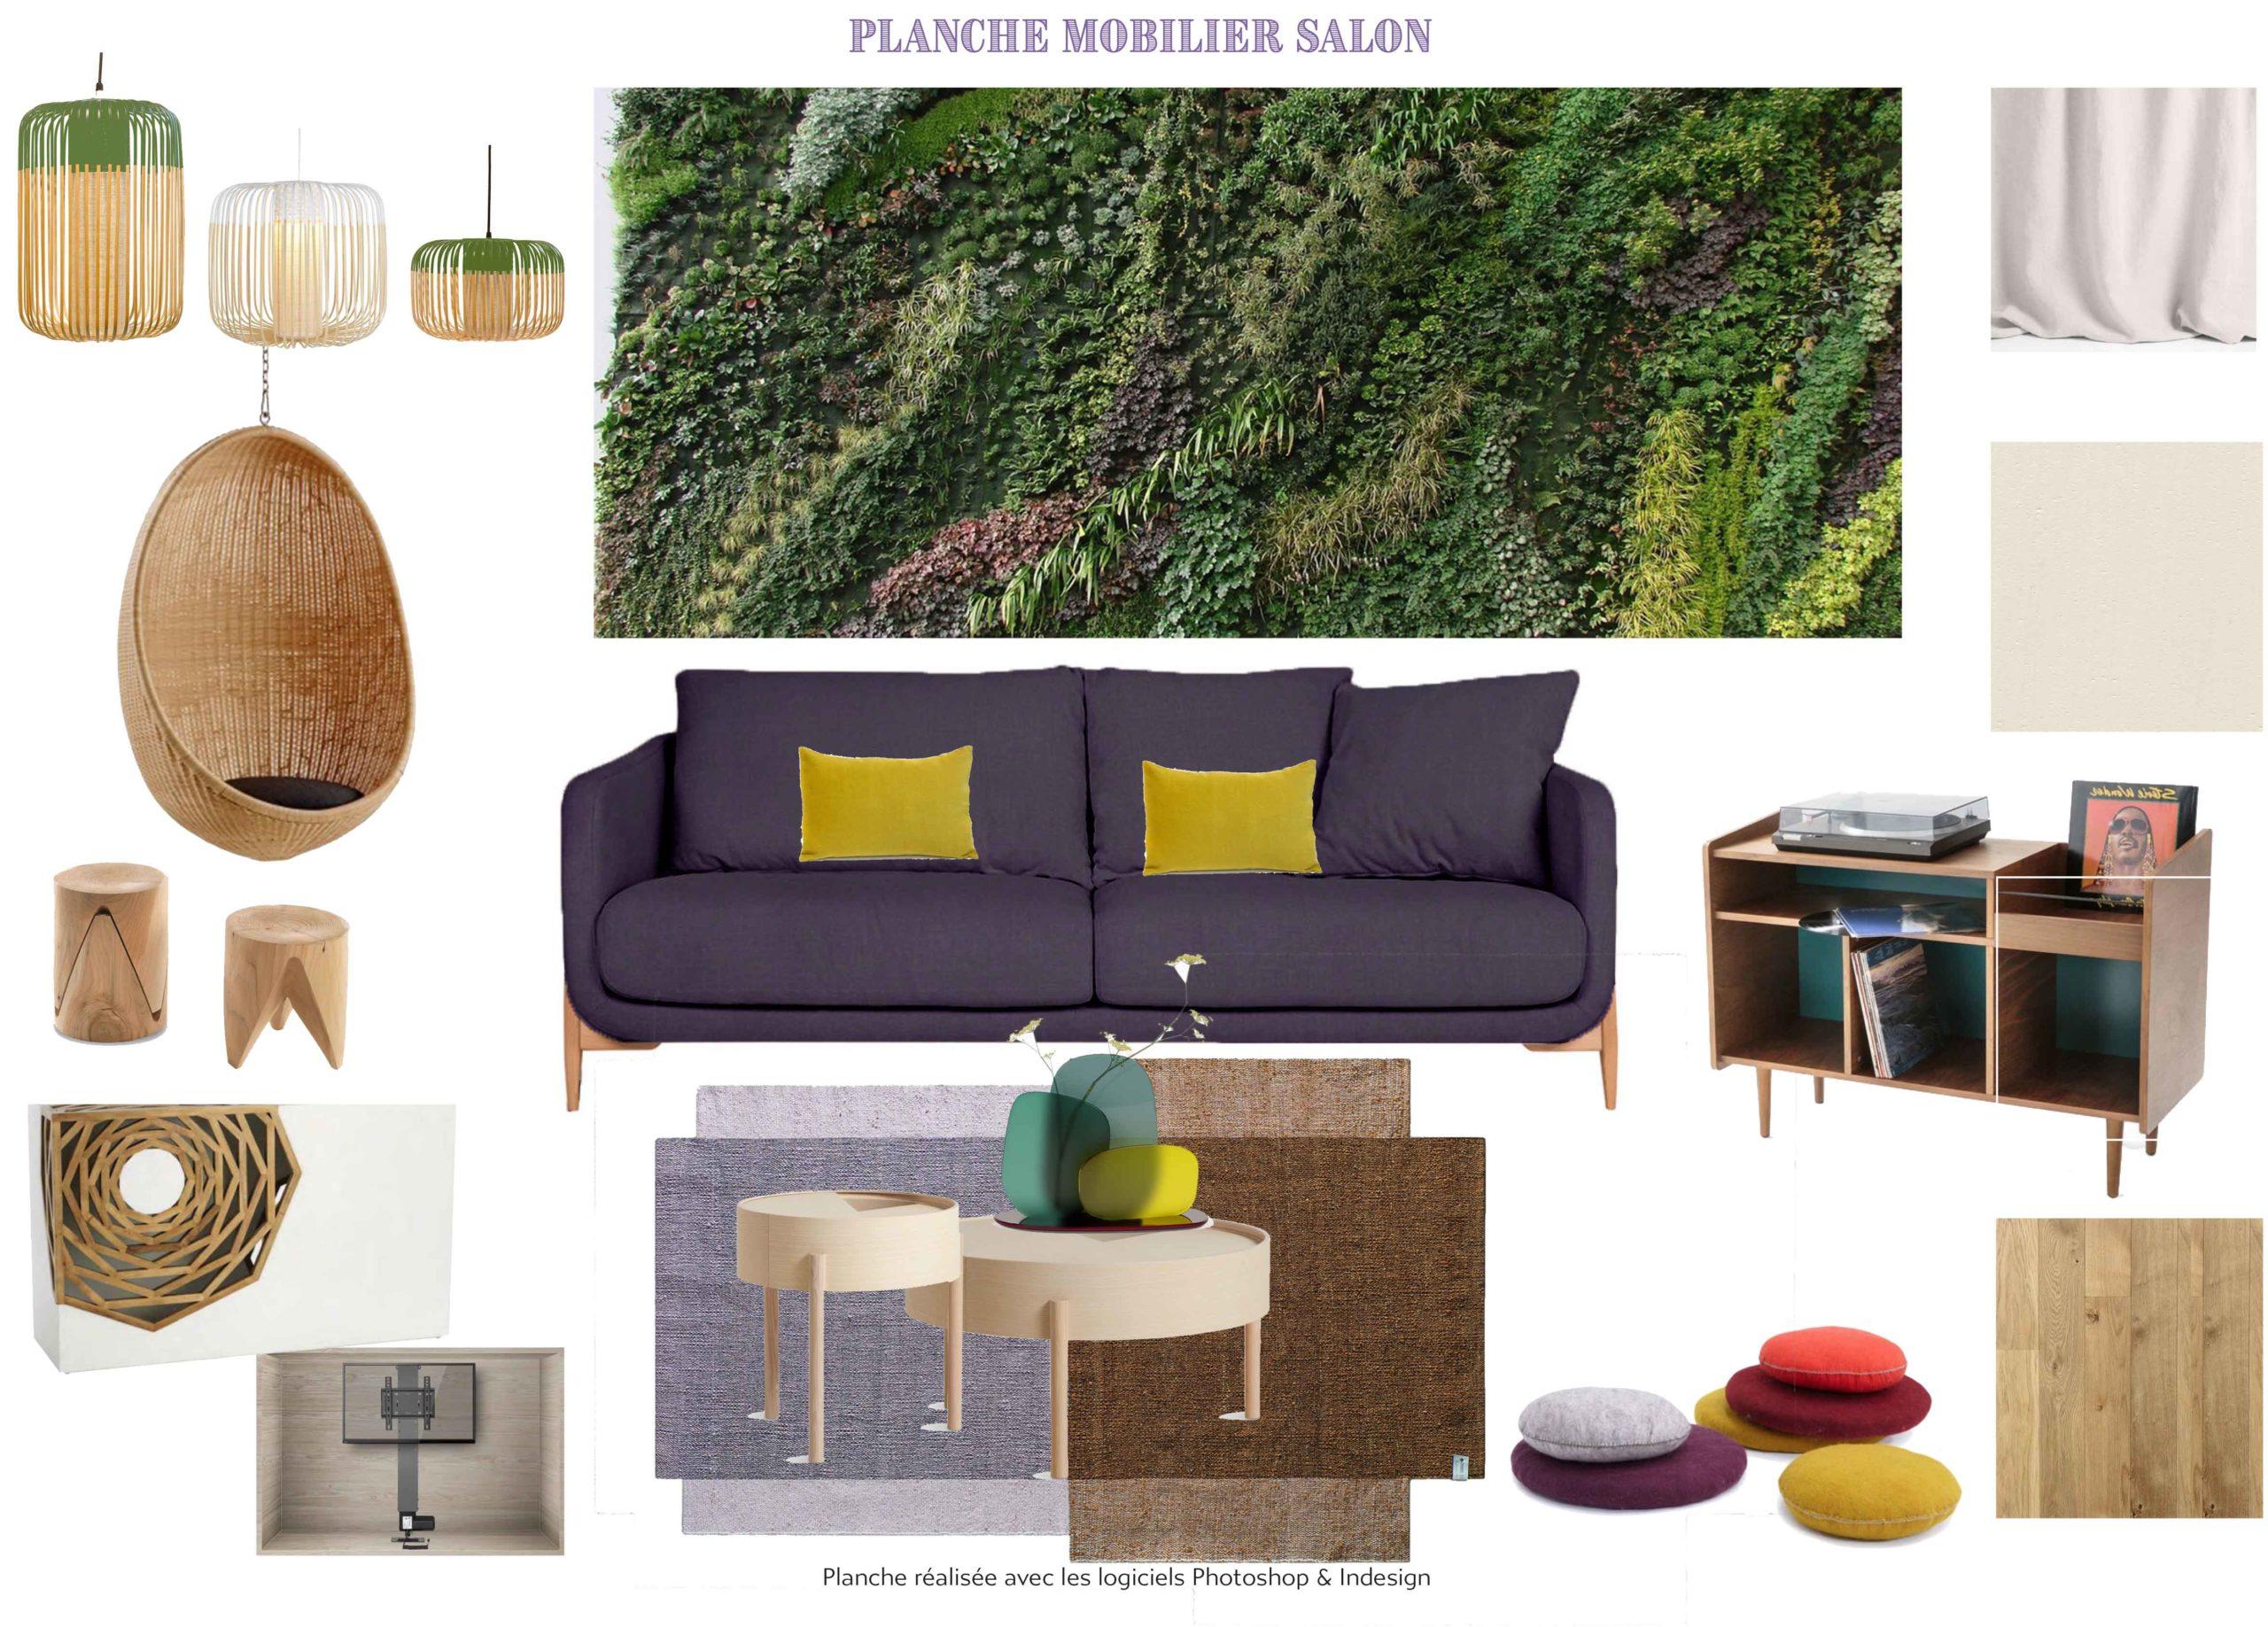 BOOK_planche mobilier salon